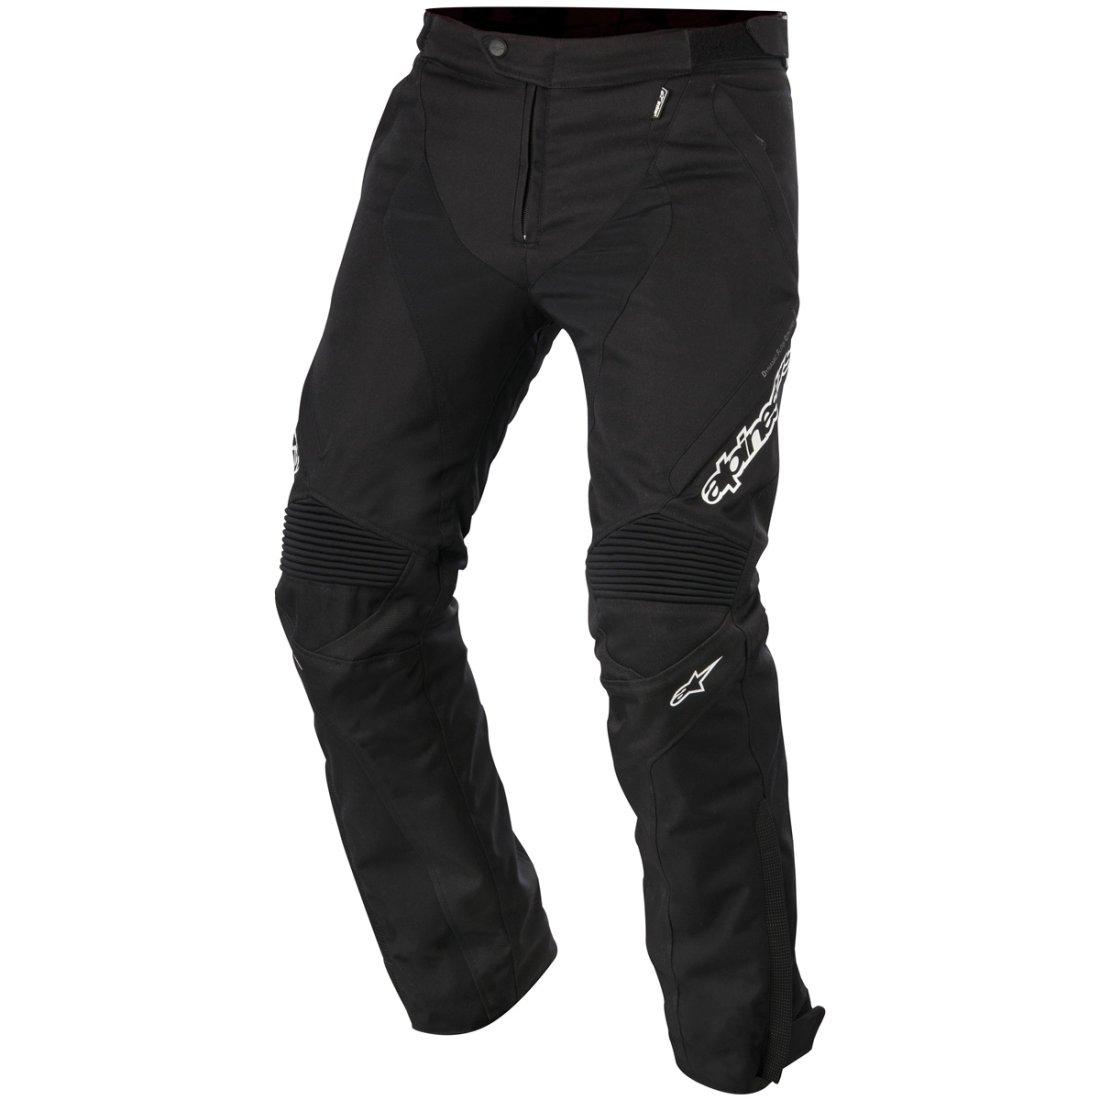 Alpinestar pantalon moto